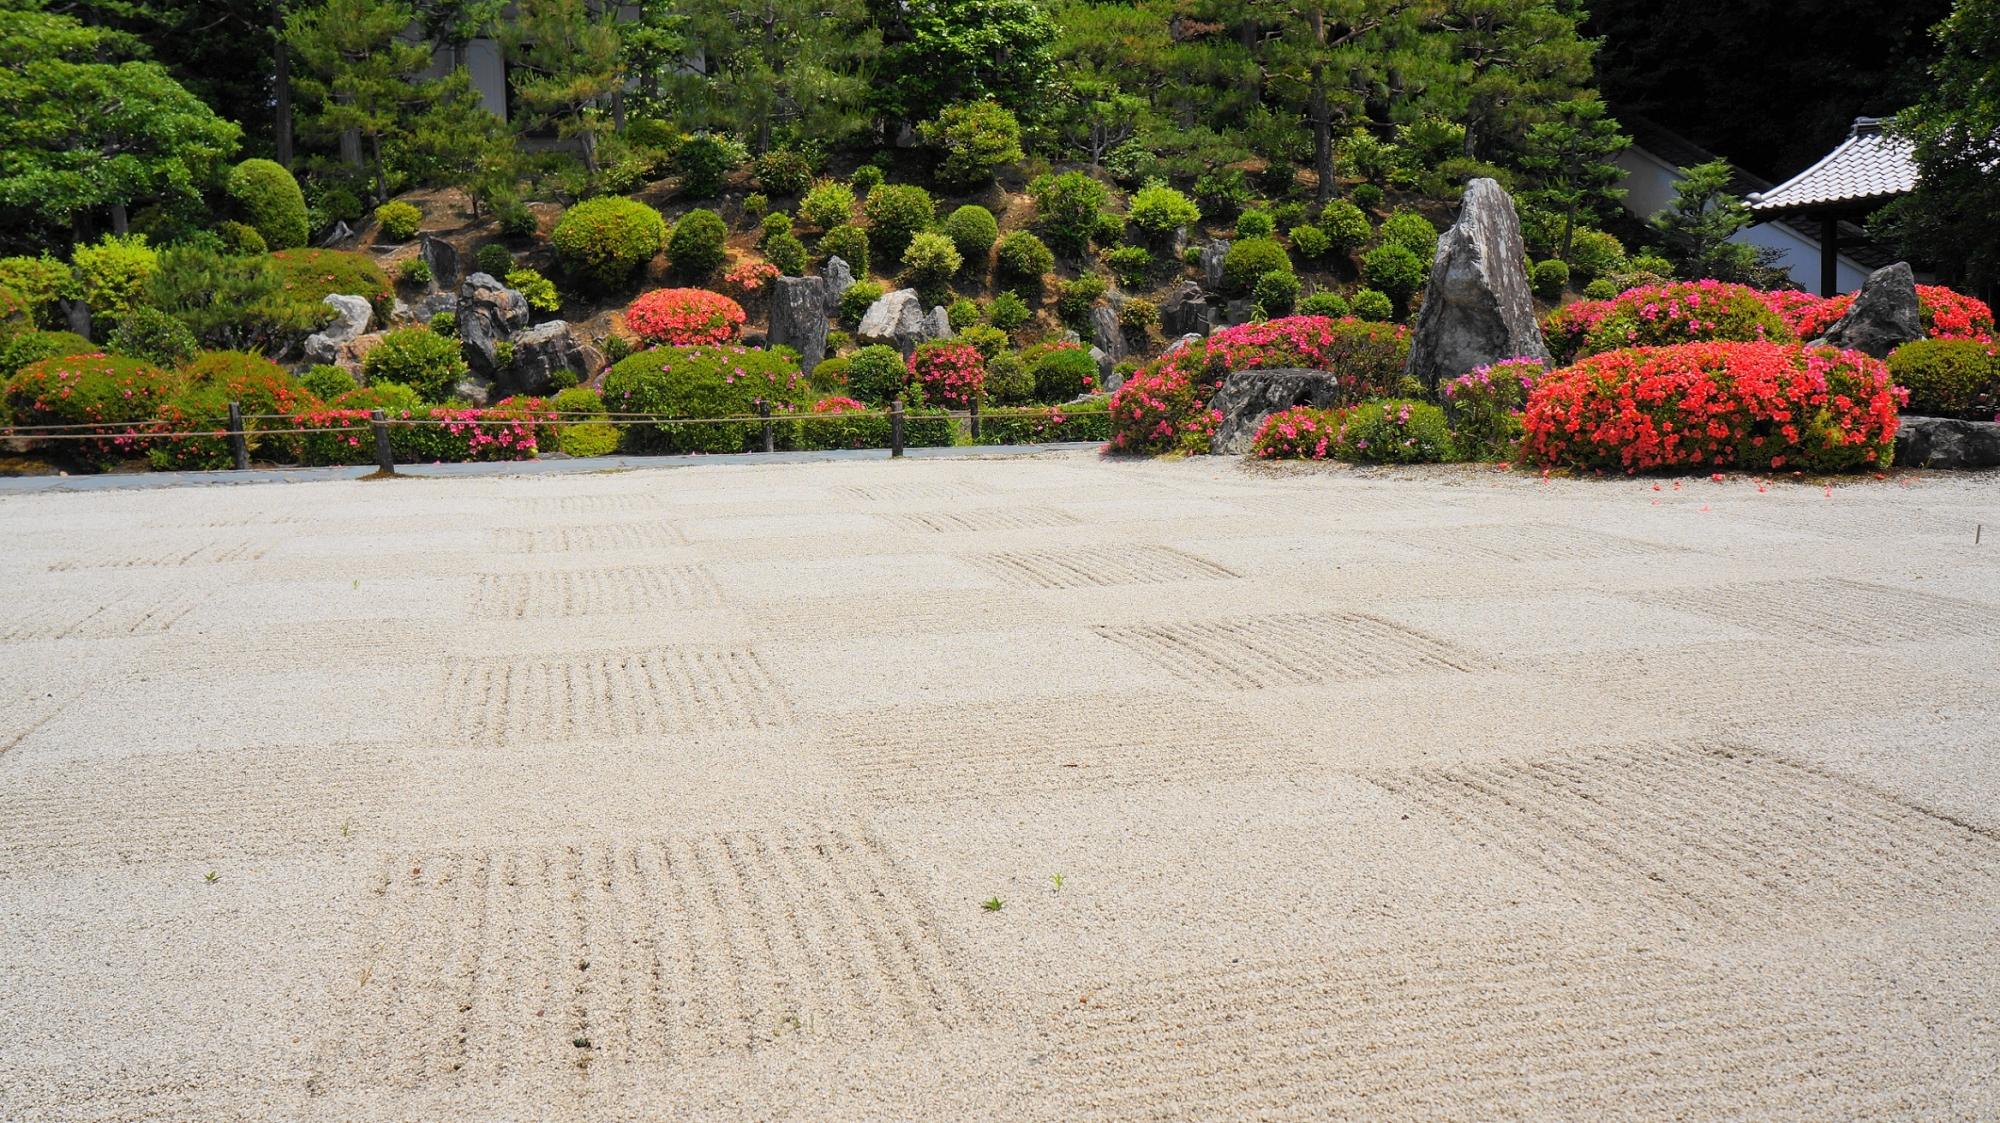 砂の枯山水庭園の向こうにある岩や刈り込みがたくさん配された池泉式庭園